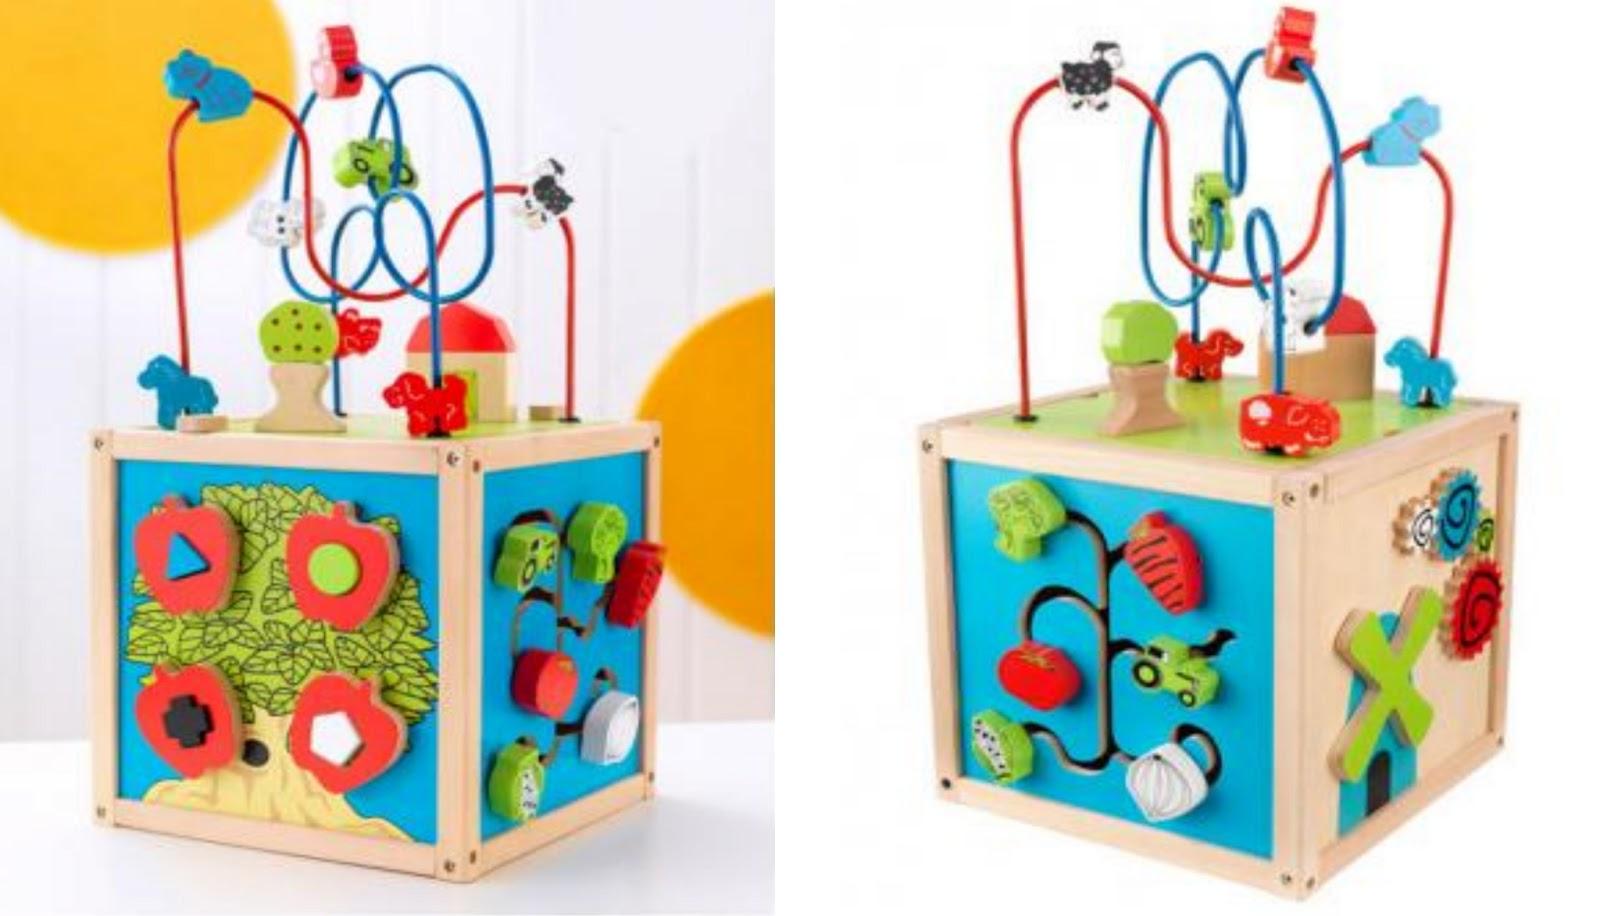 kidkraft bead maze cube funtobeone viva veltoro